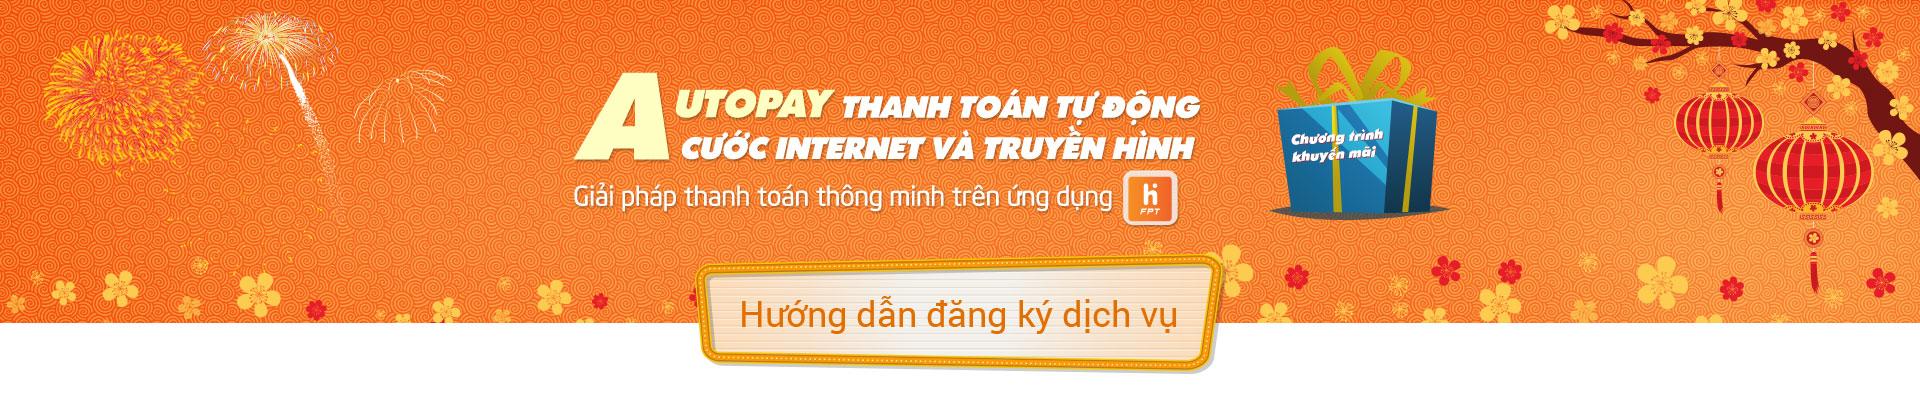 Hướng dẫn thanh toán cước fpt online, nhanh chóng, không cần qua quầy